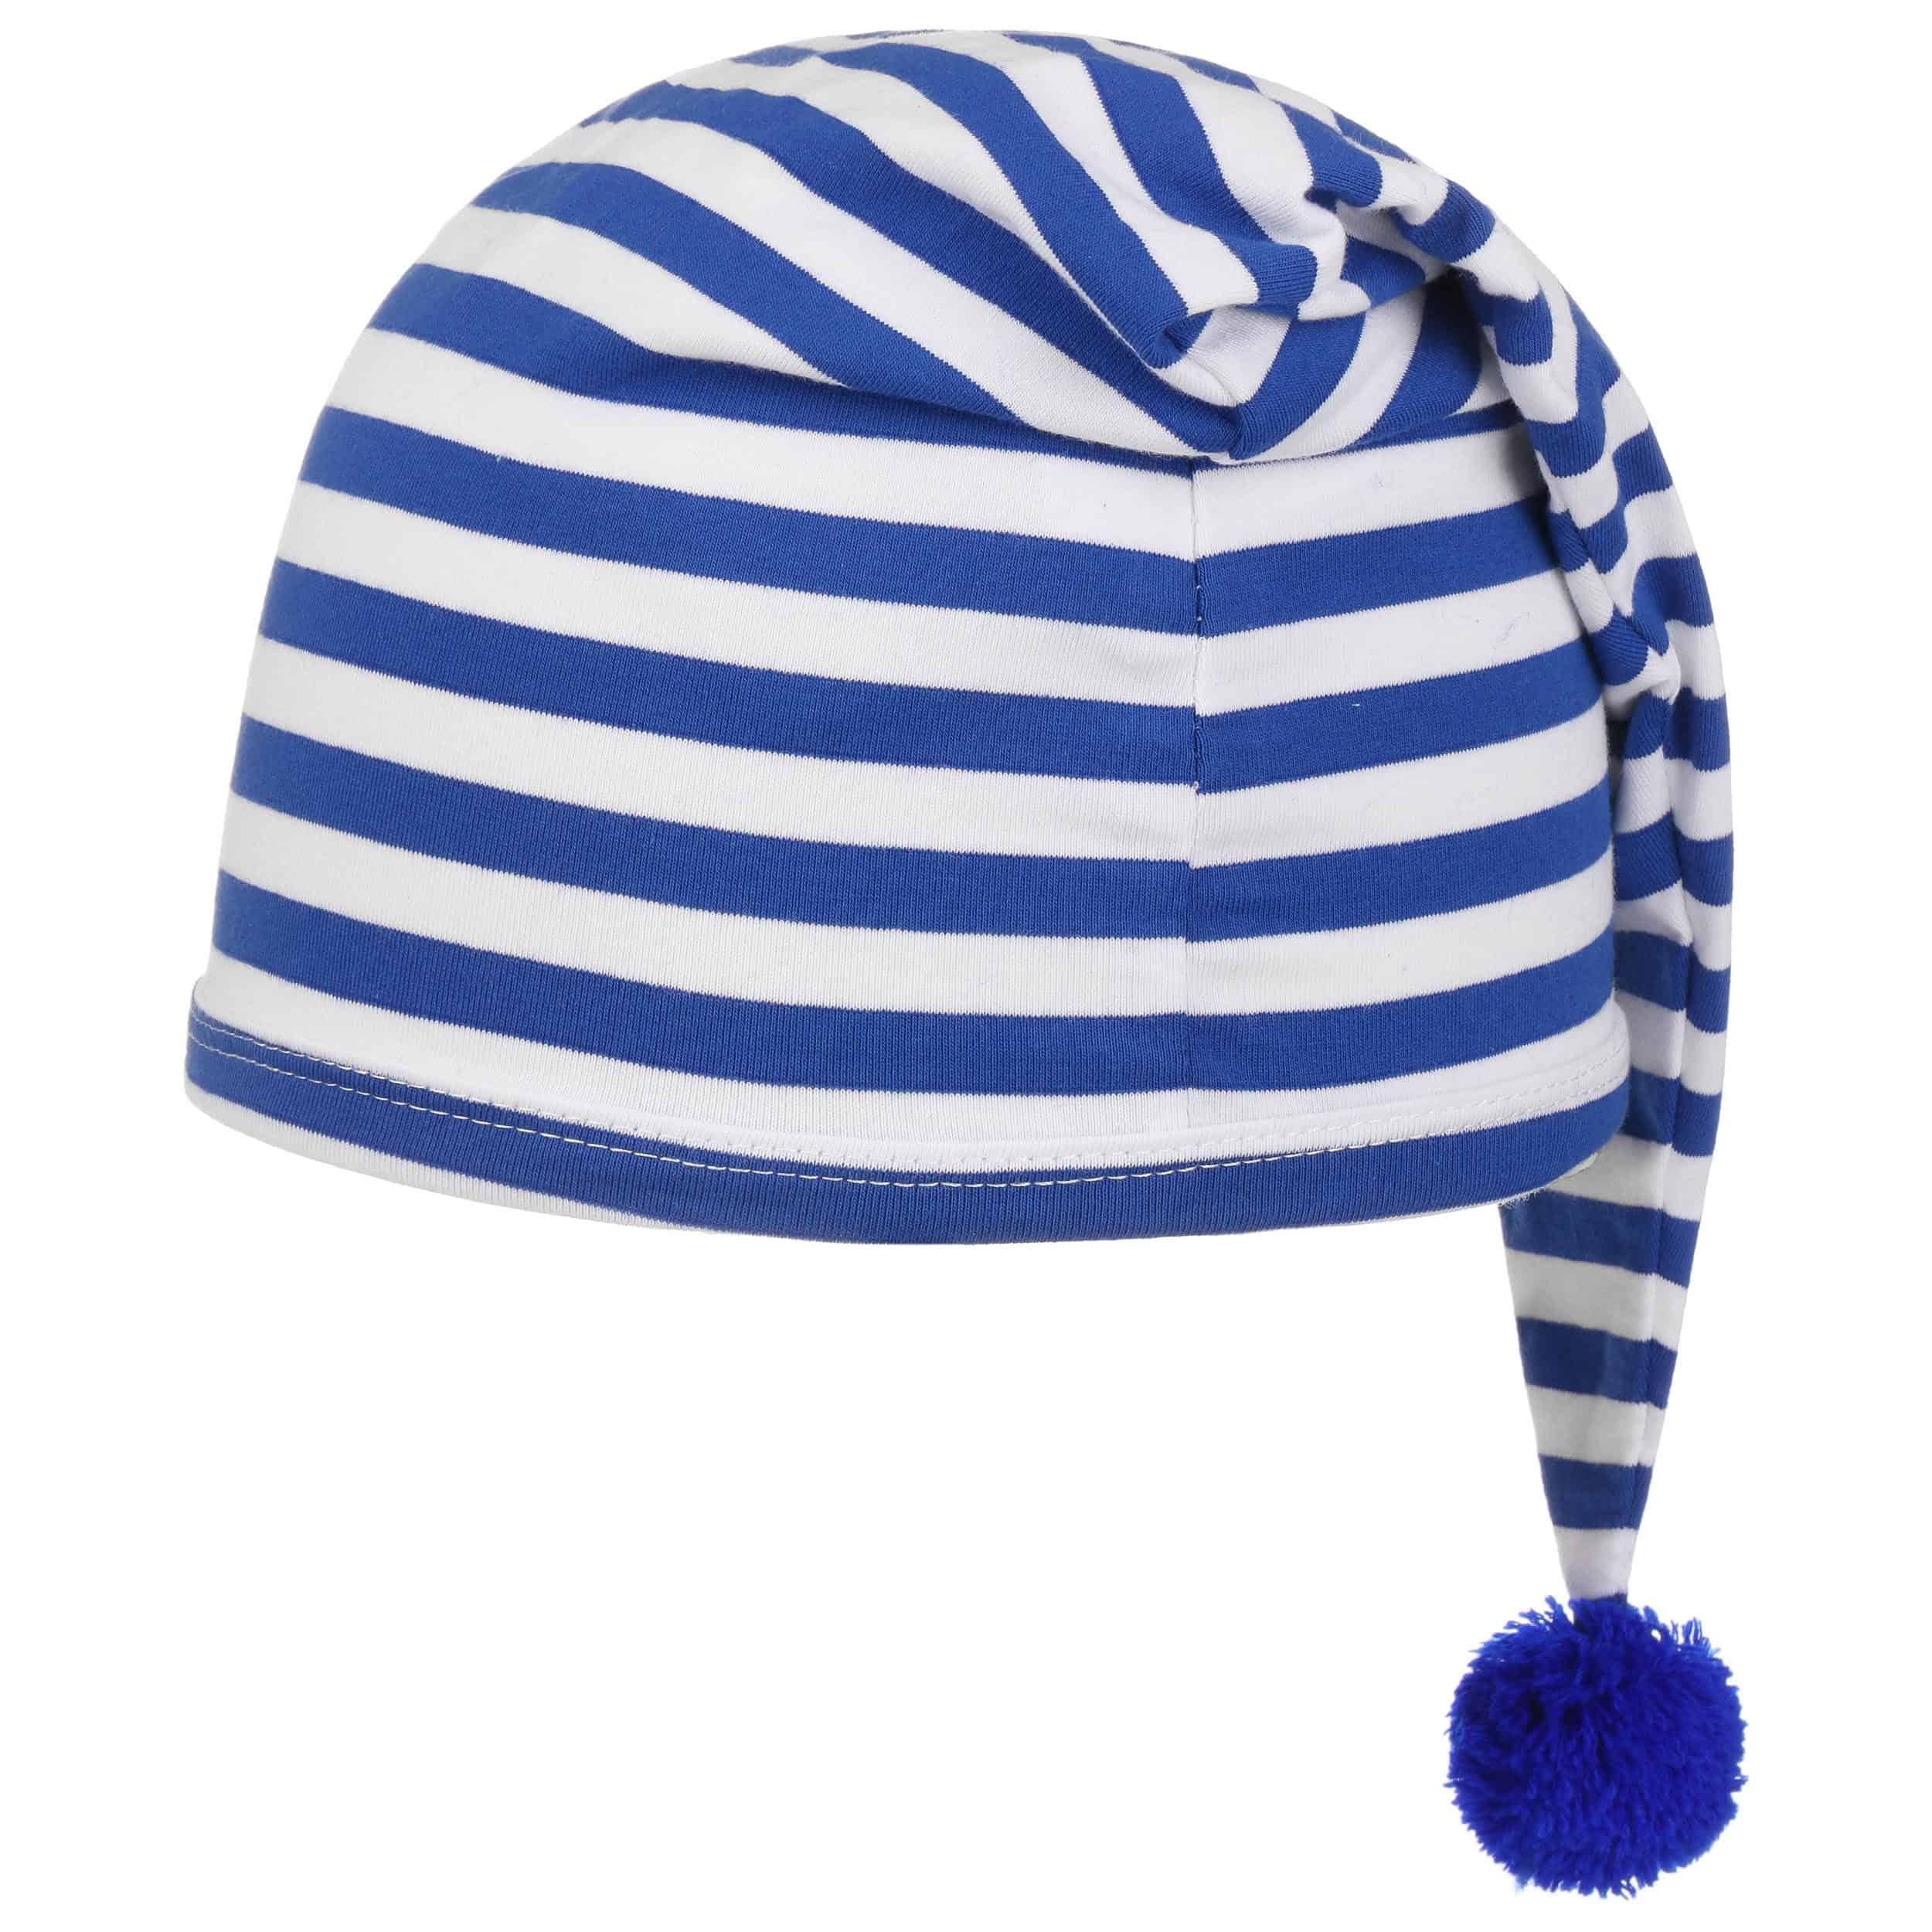 722f9ec79e440 Gorro de Dormir Medium - Gorros - sombreroshop.es